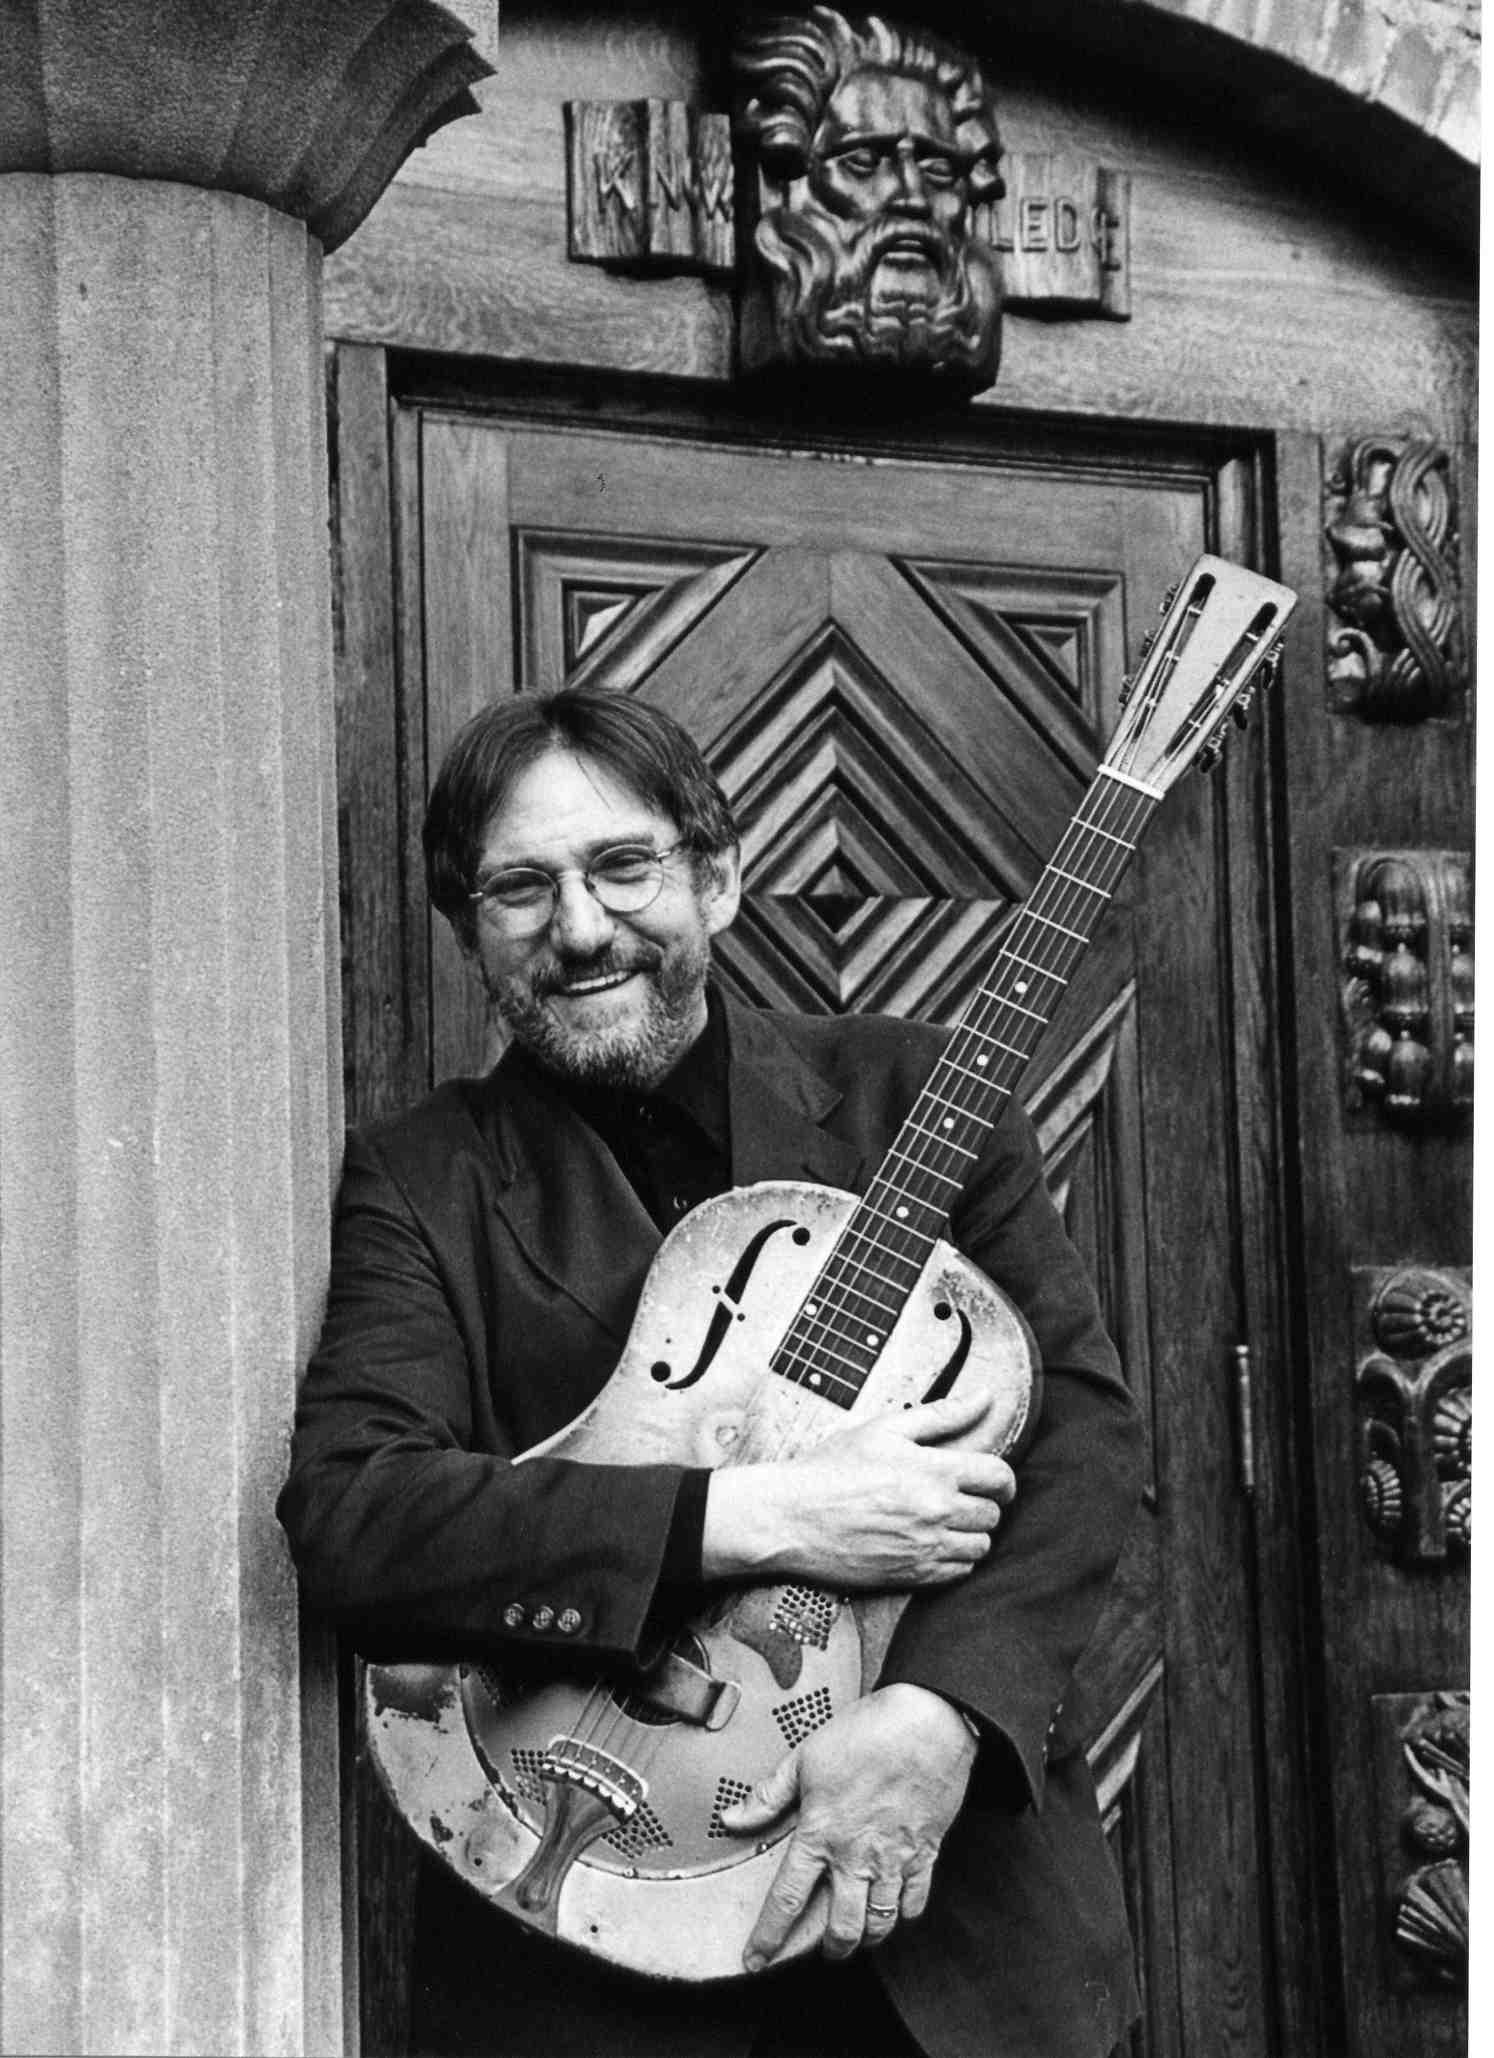 Bob Franke and his guitar